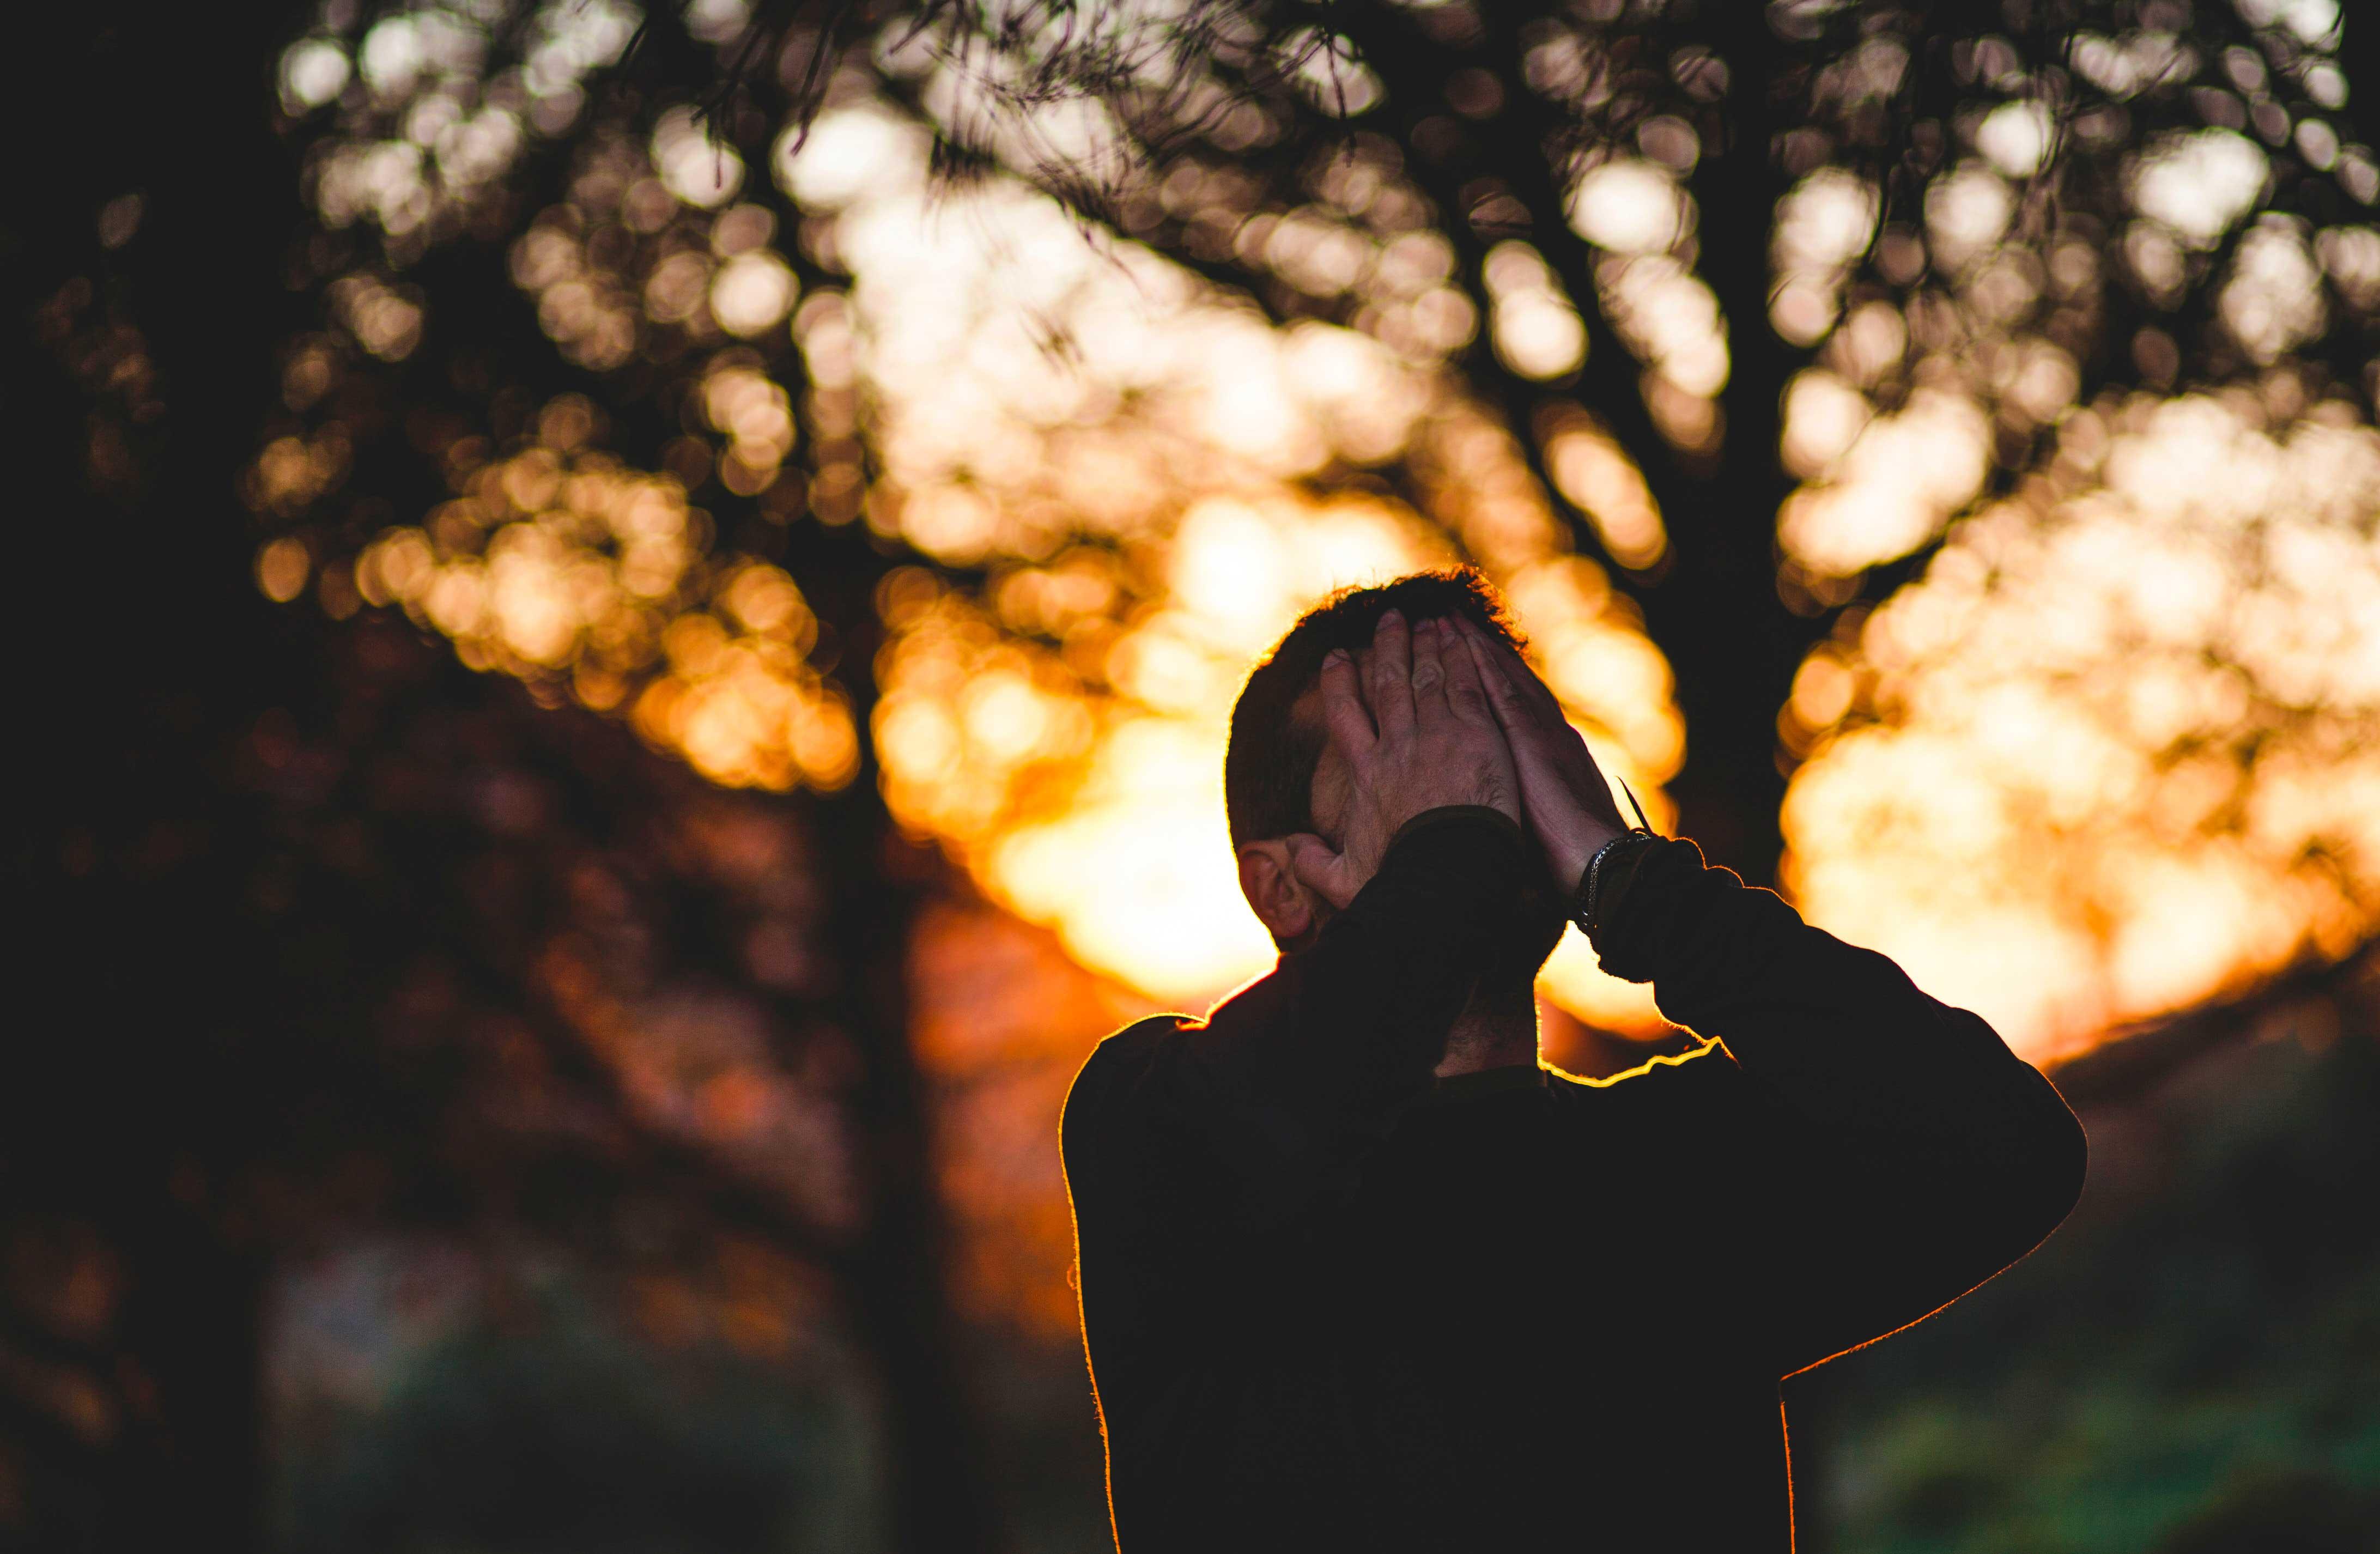 Praisance et Equilibre - Calmer l'anxiété, le stress et les peurs injustifiées